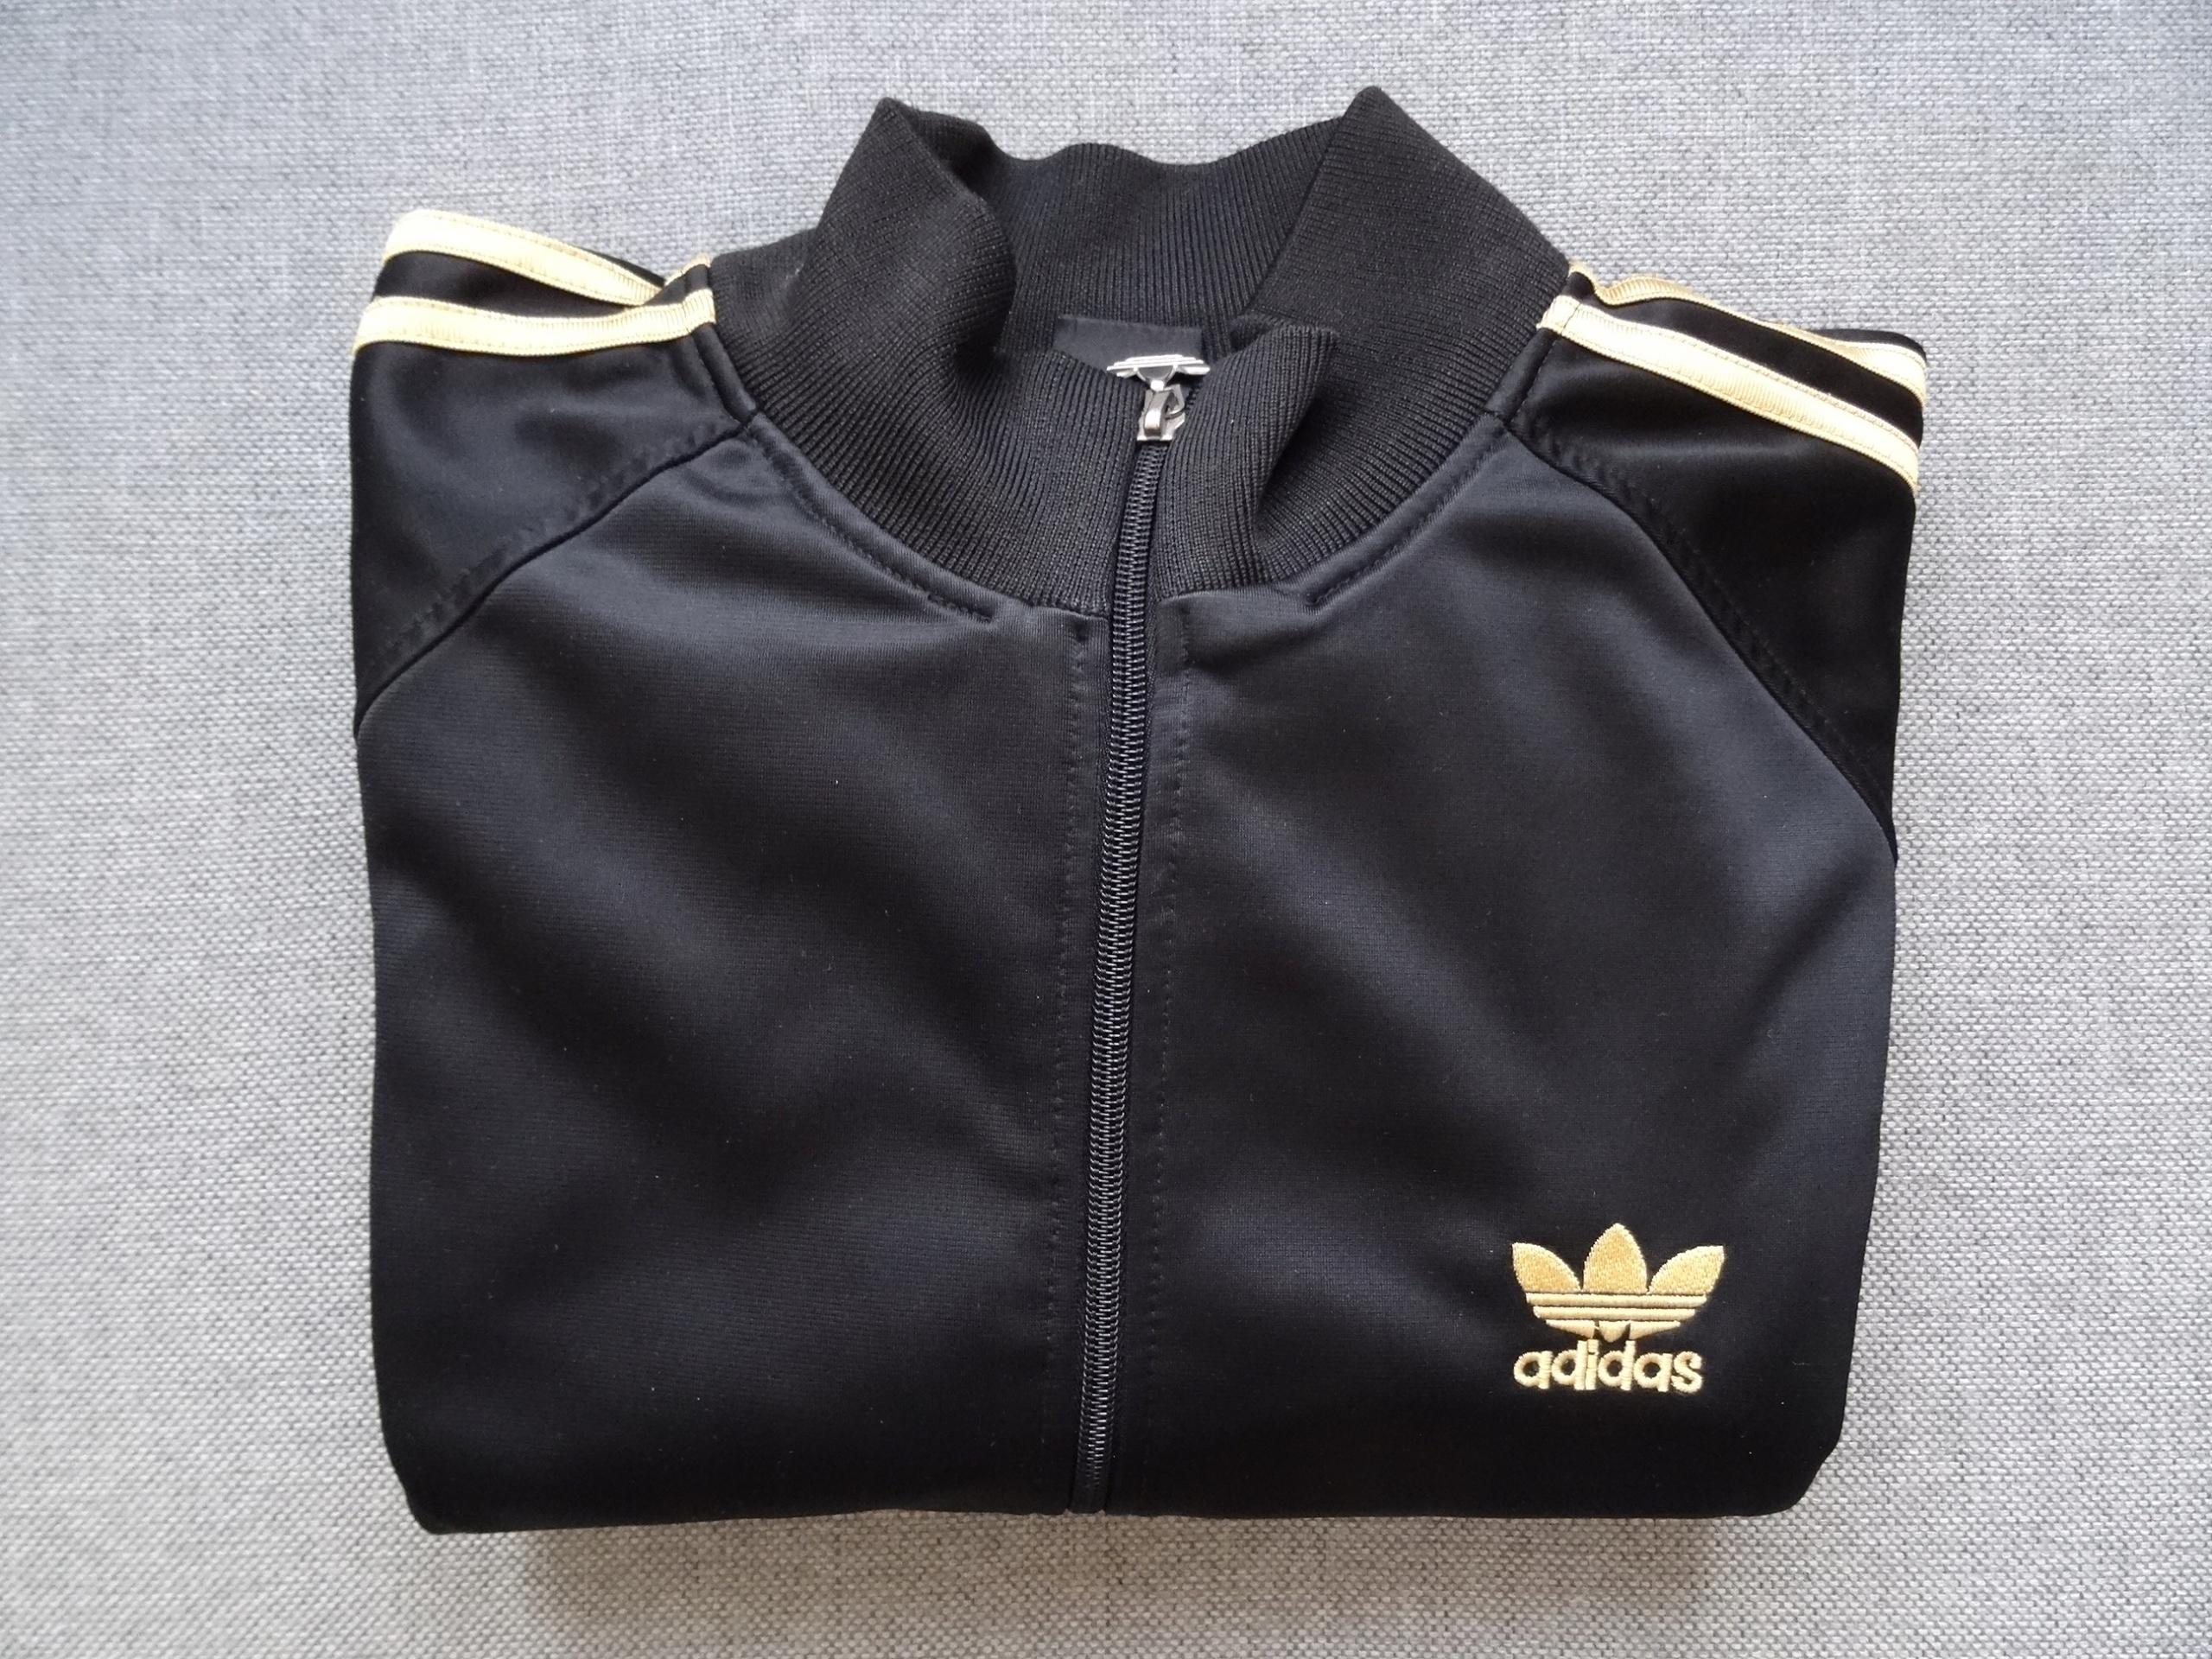 niska cena sprzedaży najlepsze oferty na najniższa cena Bluza Adidas Czarna złote pasy Rozm. L